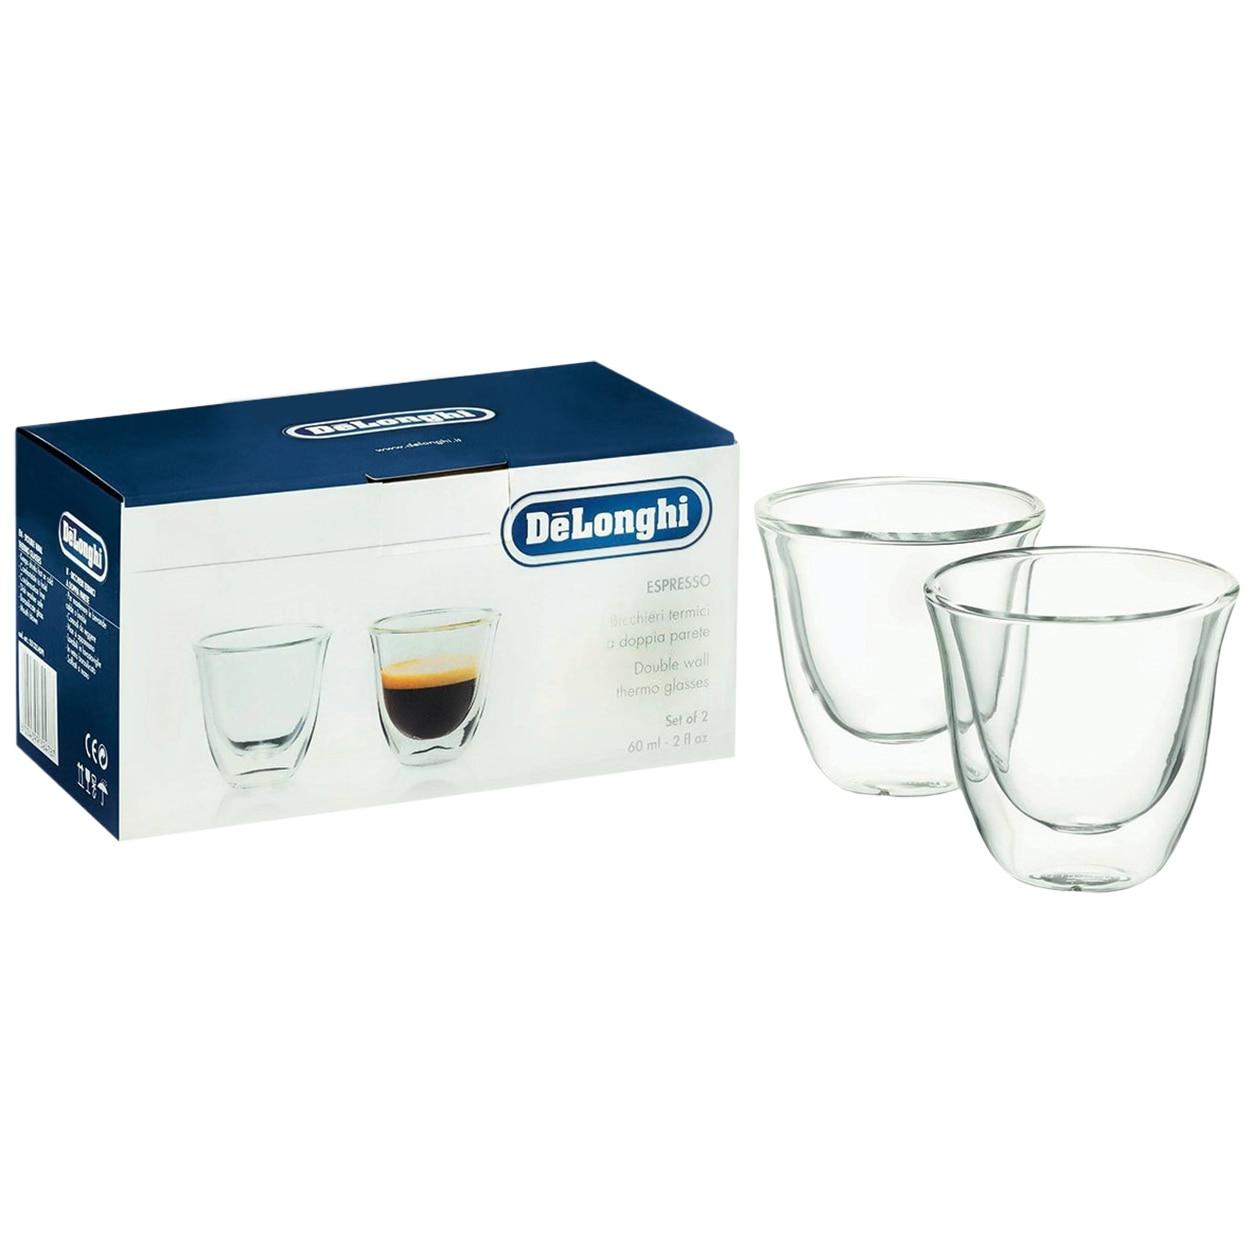 Fotografie Set 2 pahare espresso De'Longhi, 2x60ml, Sticla termorezistenta, Transparente, Perete dublu